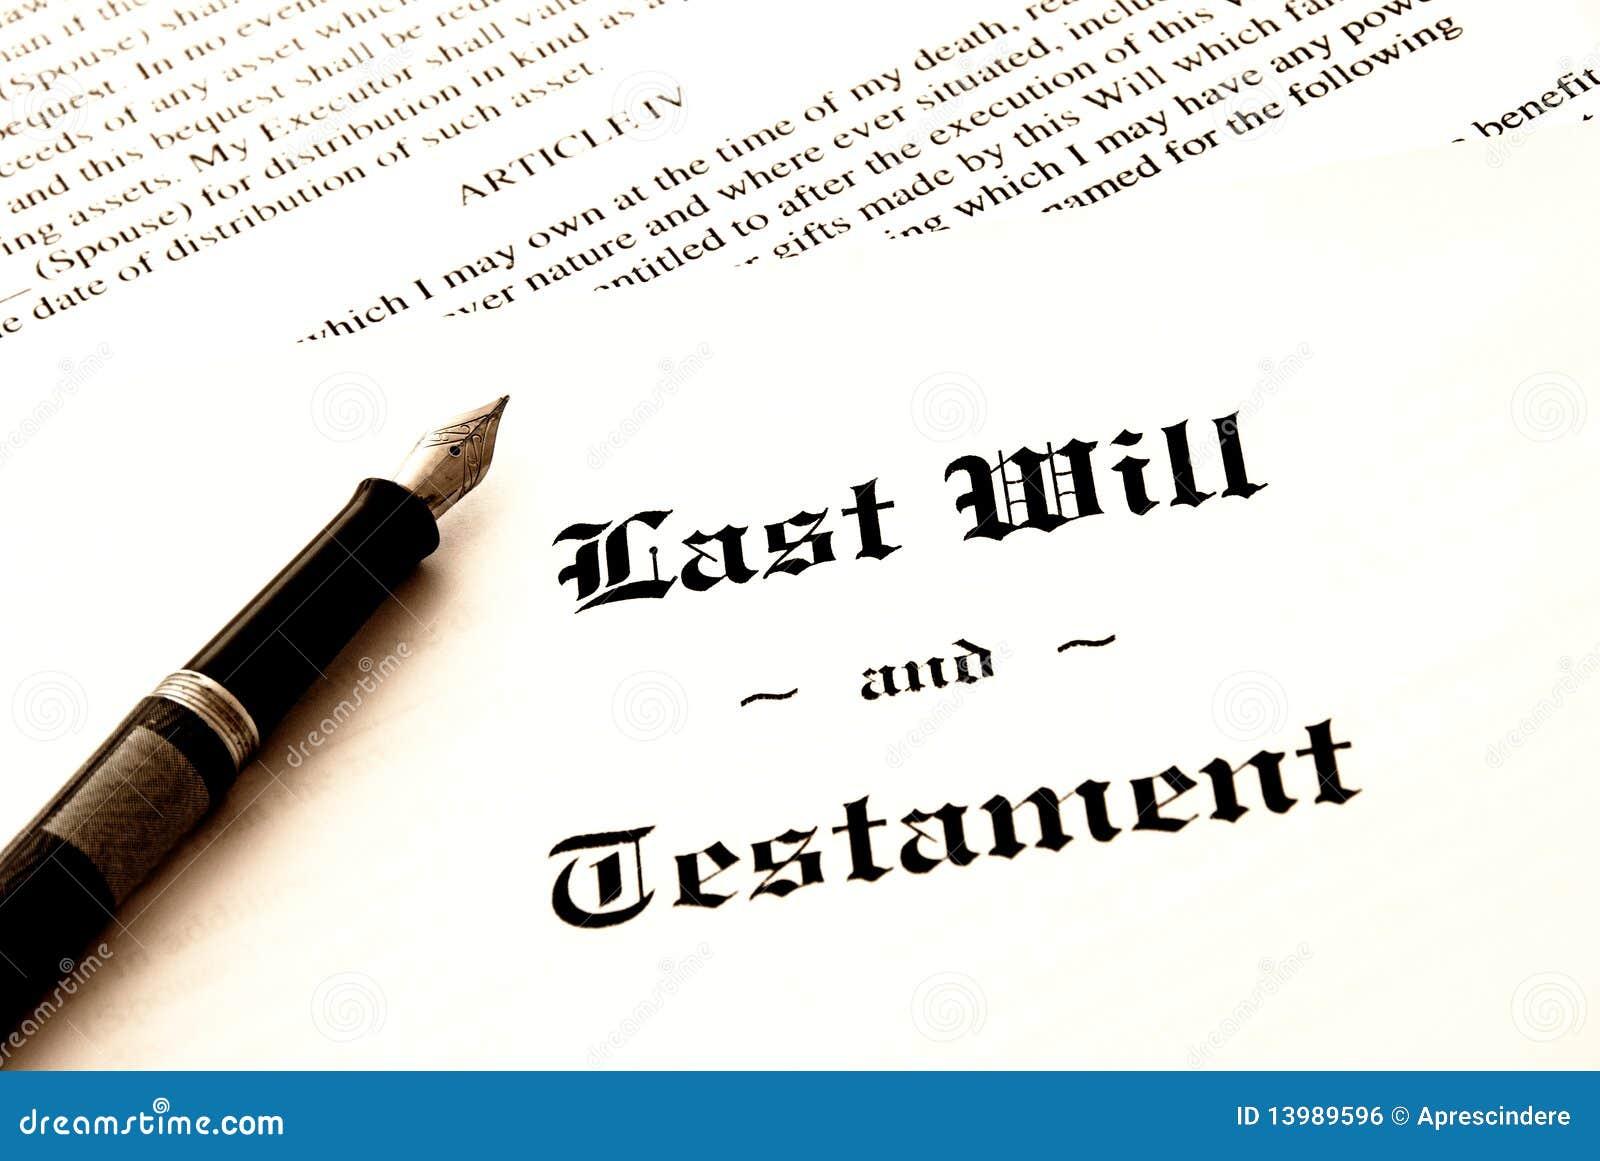 Den sista testamentet skallr